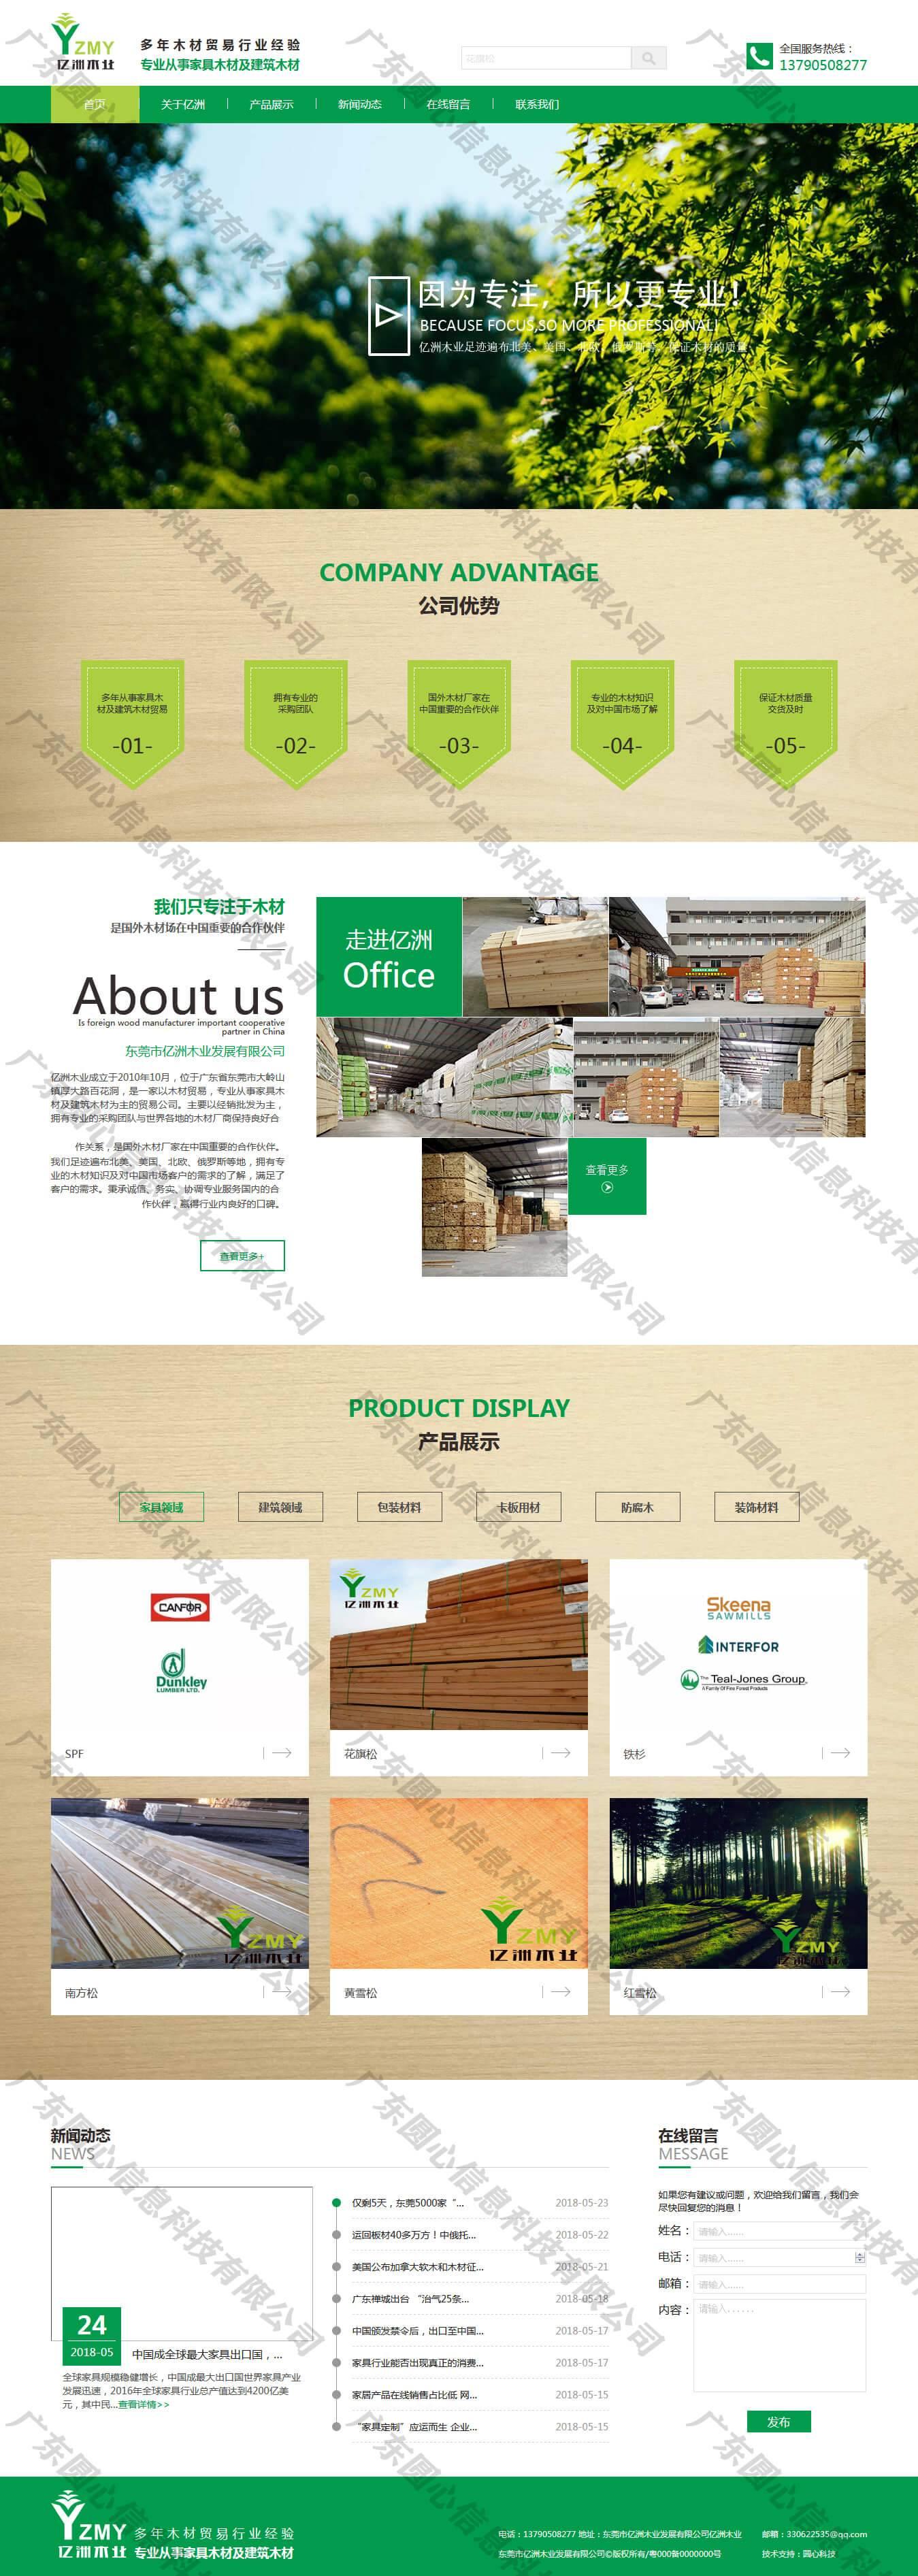 亿洲木业.jpg